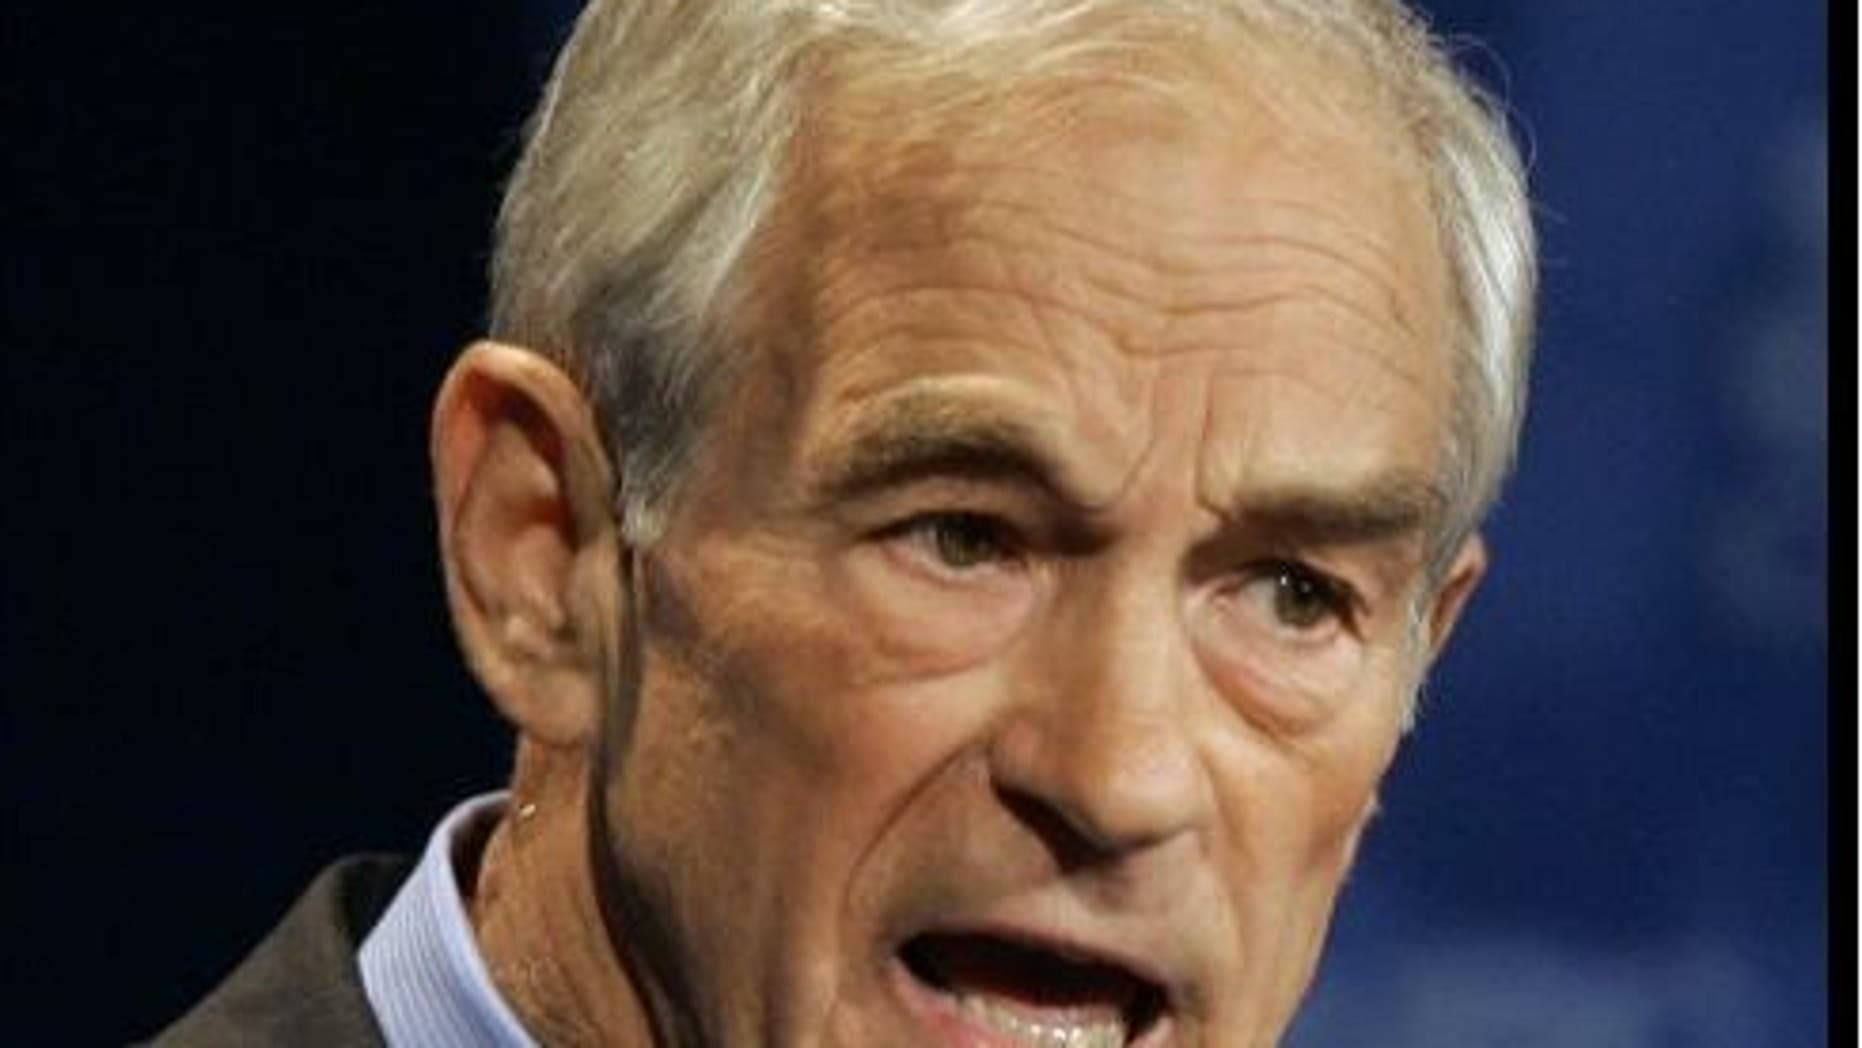 Rep. Ron Paul, R-Texas (AP File Photo)